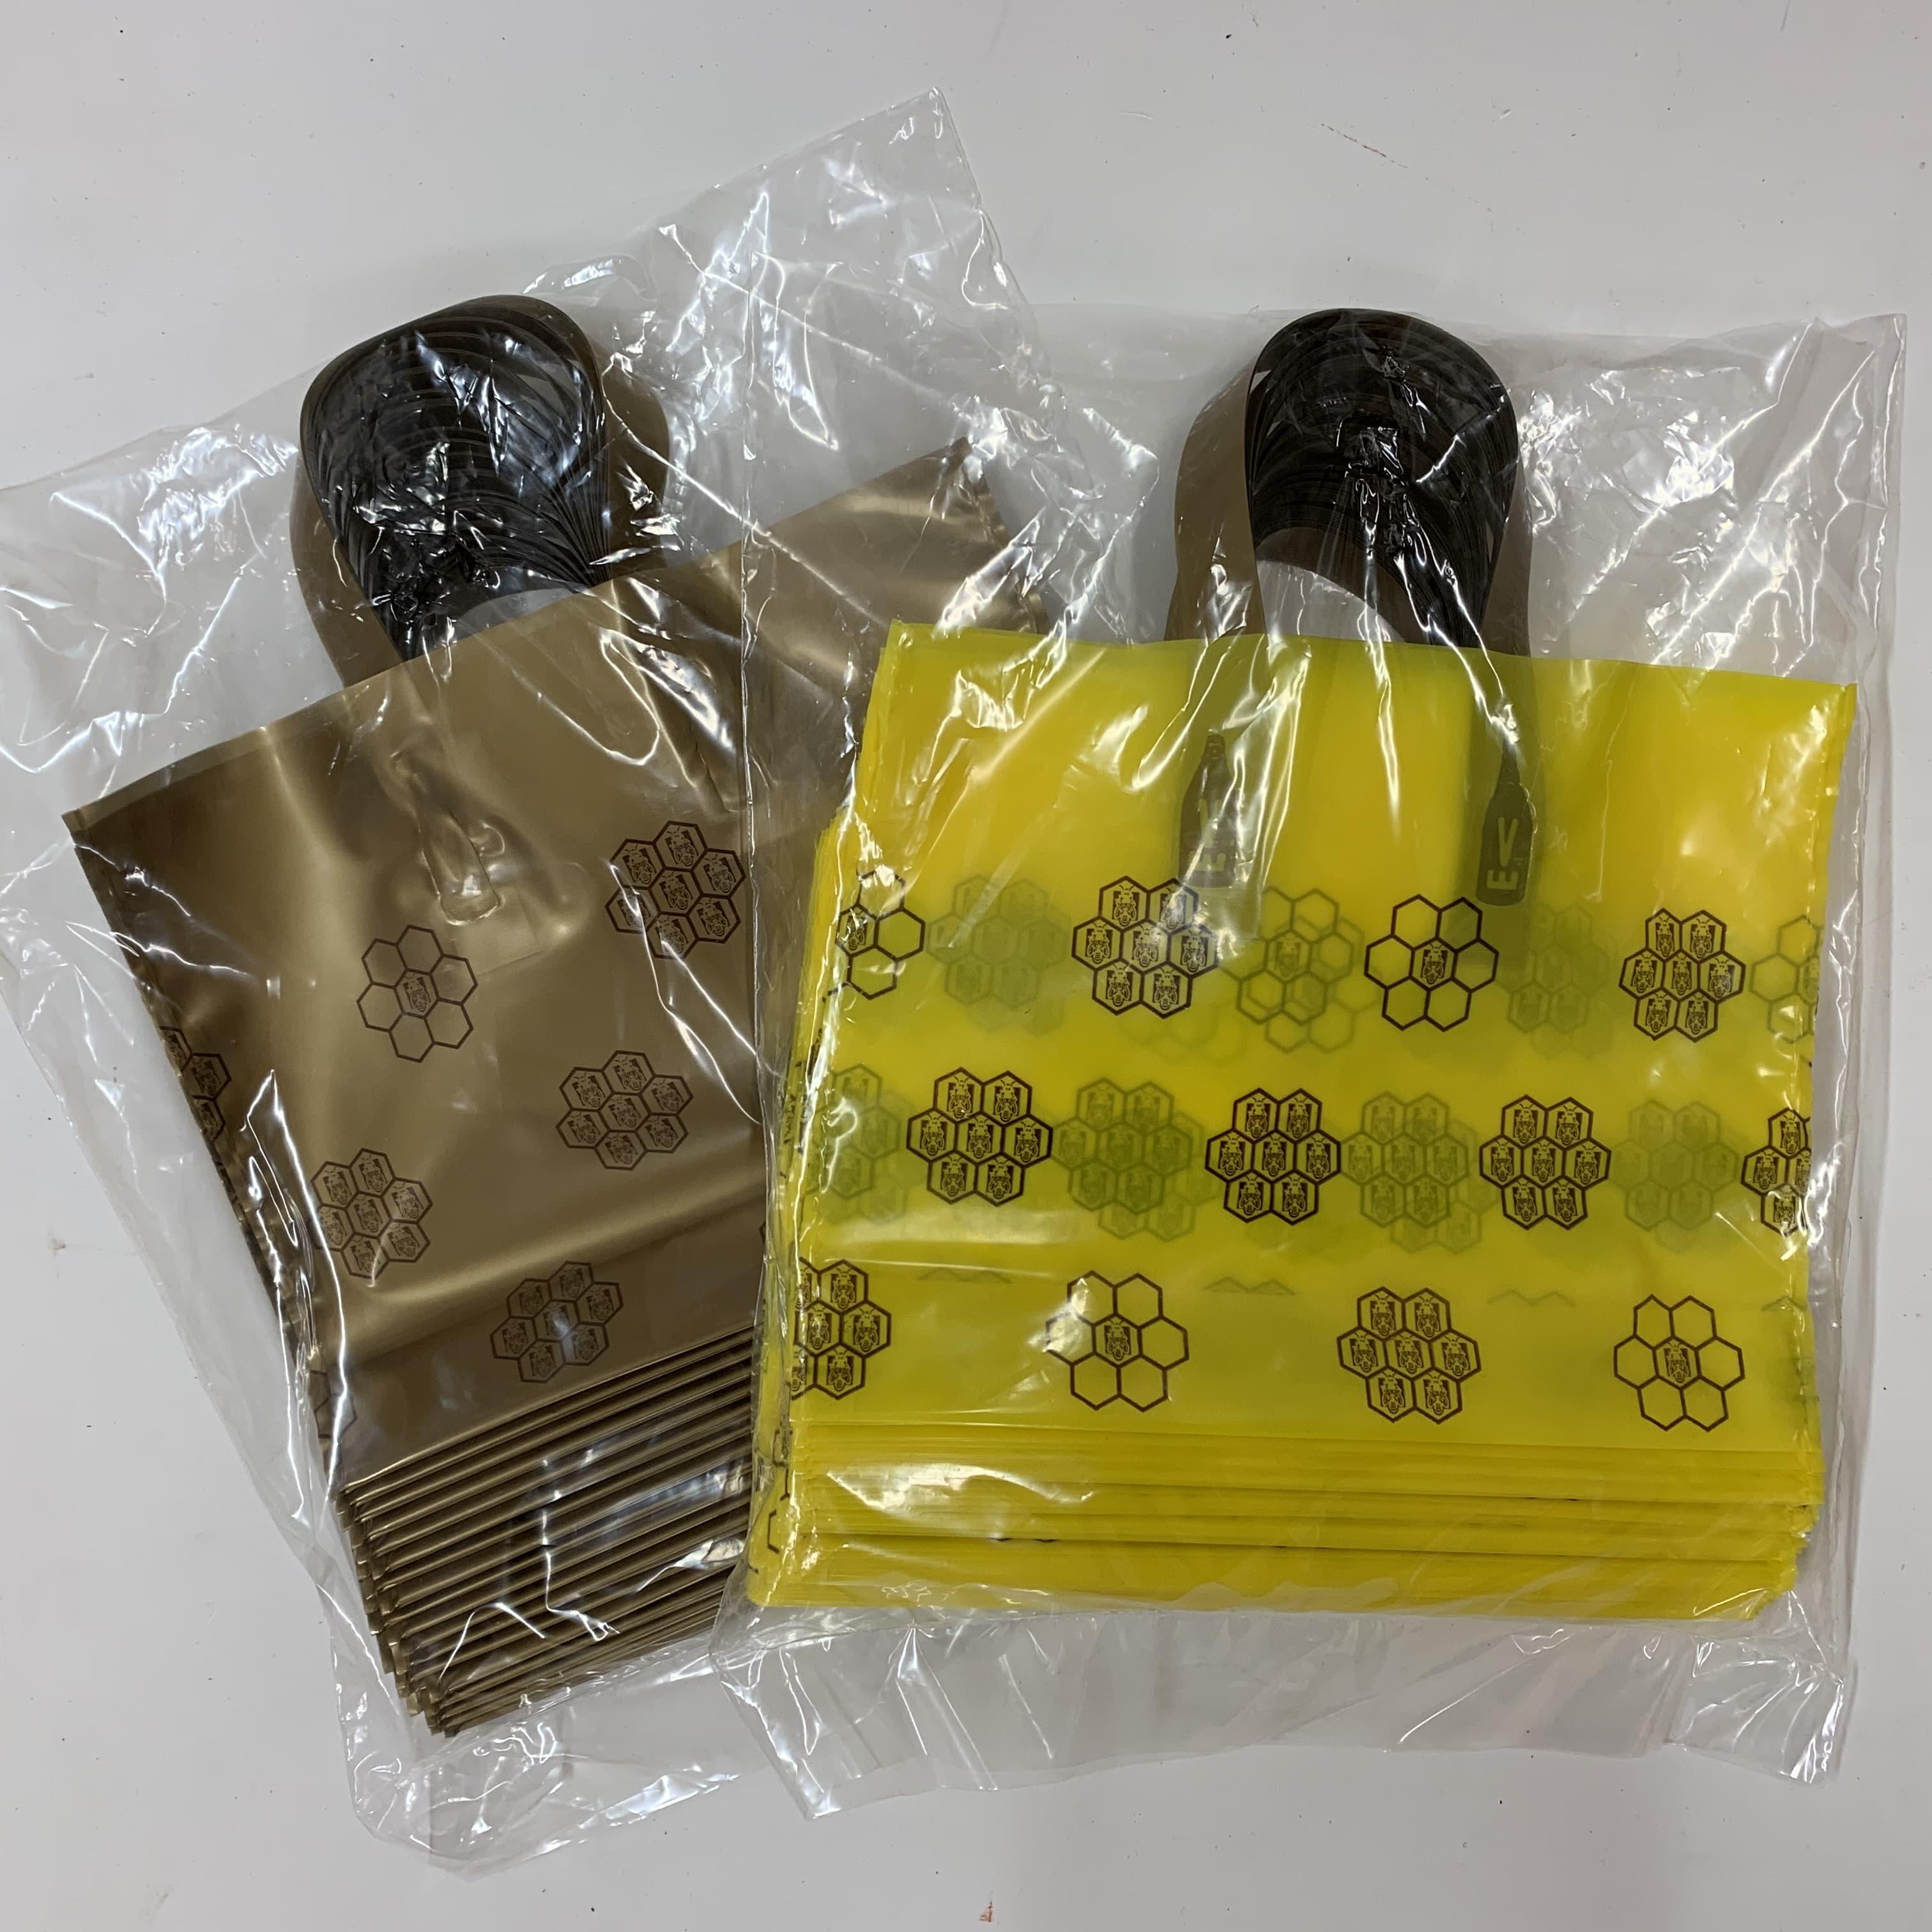 Geschenkbeutel 25 St. für 2 Glas Honig 500 g, dekorativer PE Beutel mit Wabenmuster verziert, Varianten gelb, gold weiß